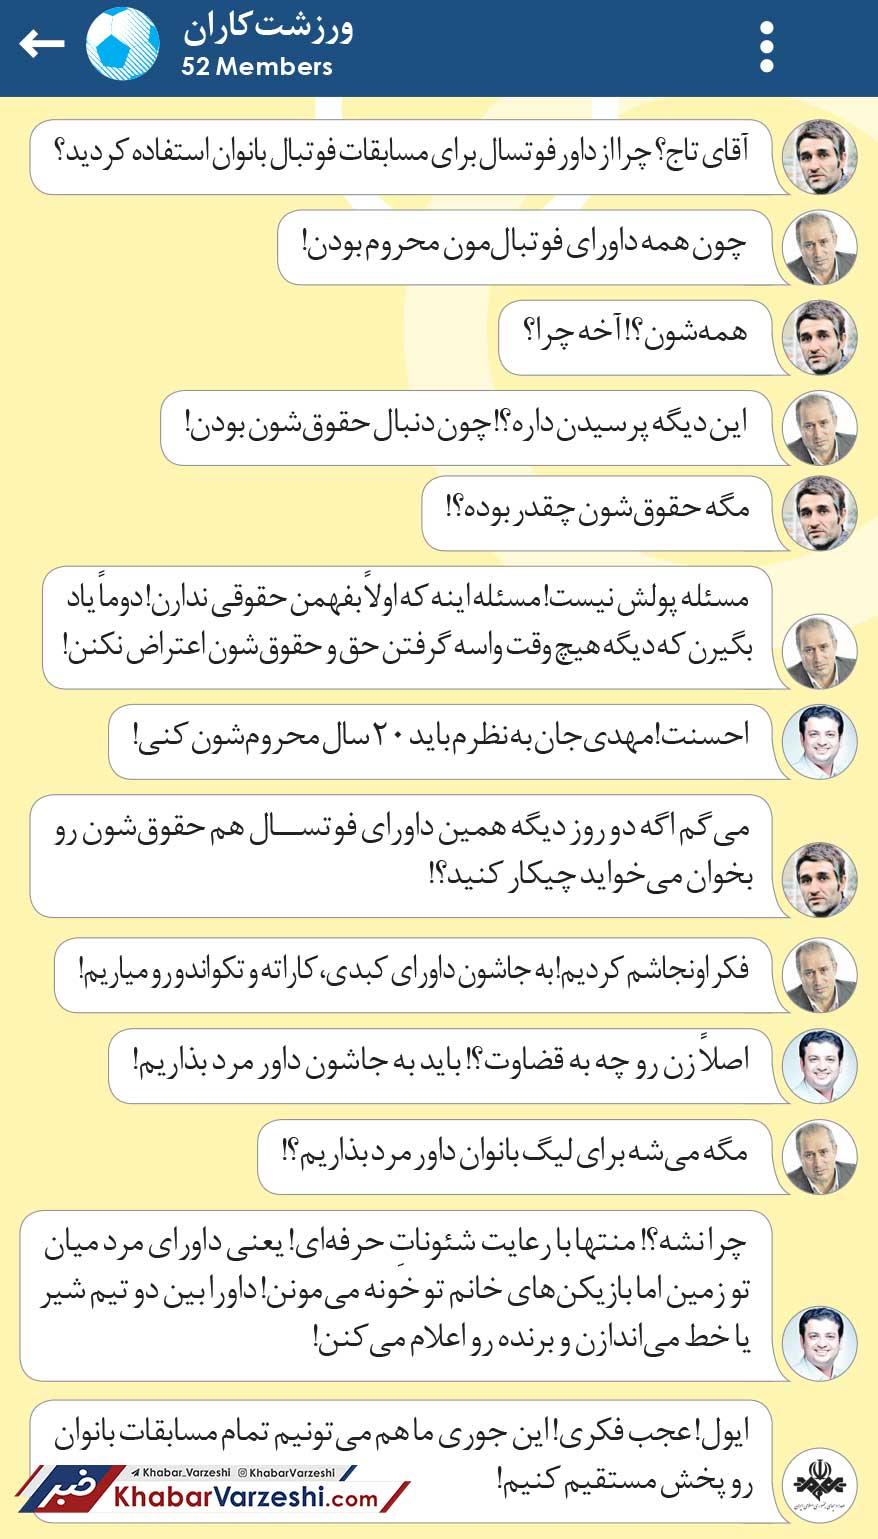 ورزشتکاران -  راه حل پخش تلویزیونی مسابقات بانوان!